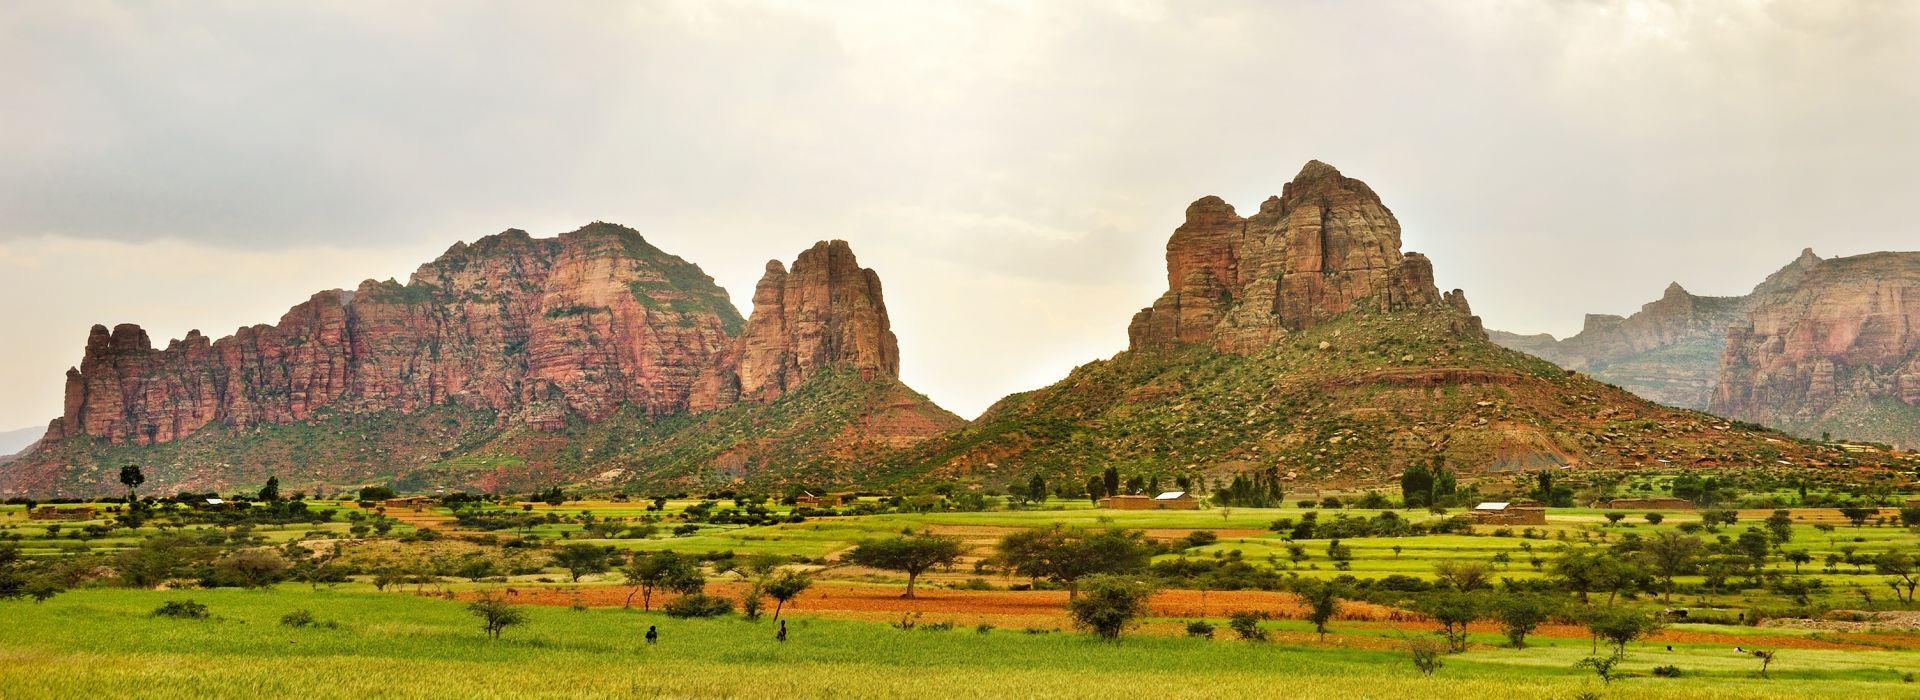 Explorer Tours in Ethiopia